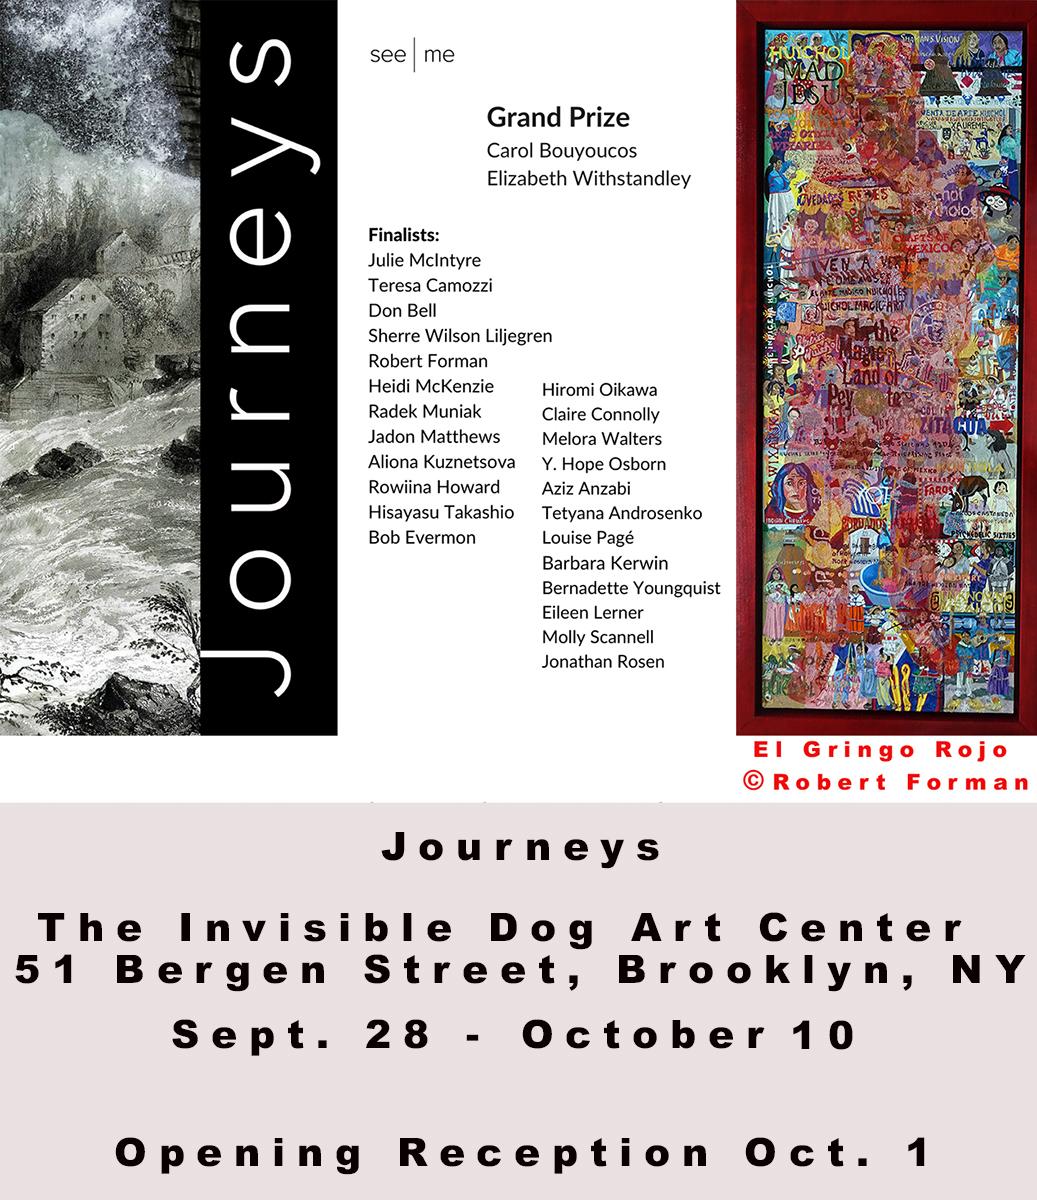 Journeys @ The Invisable Dog Art Center